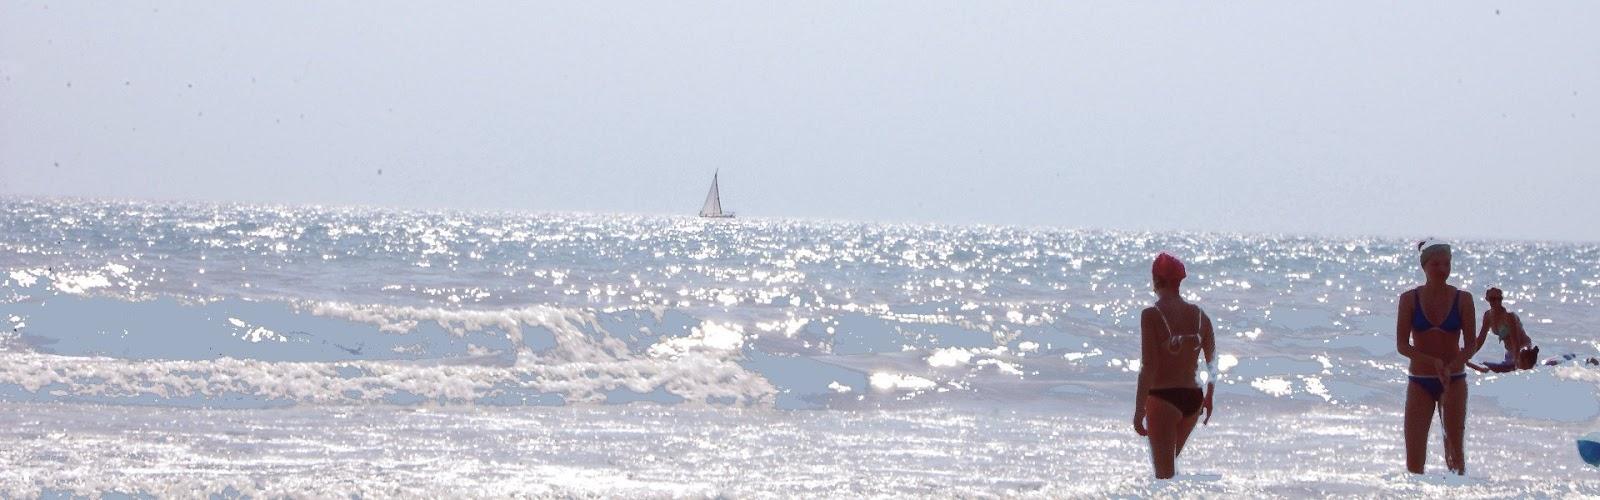 Пляжный отдых на Черном море.